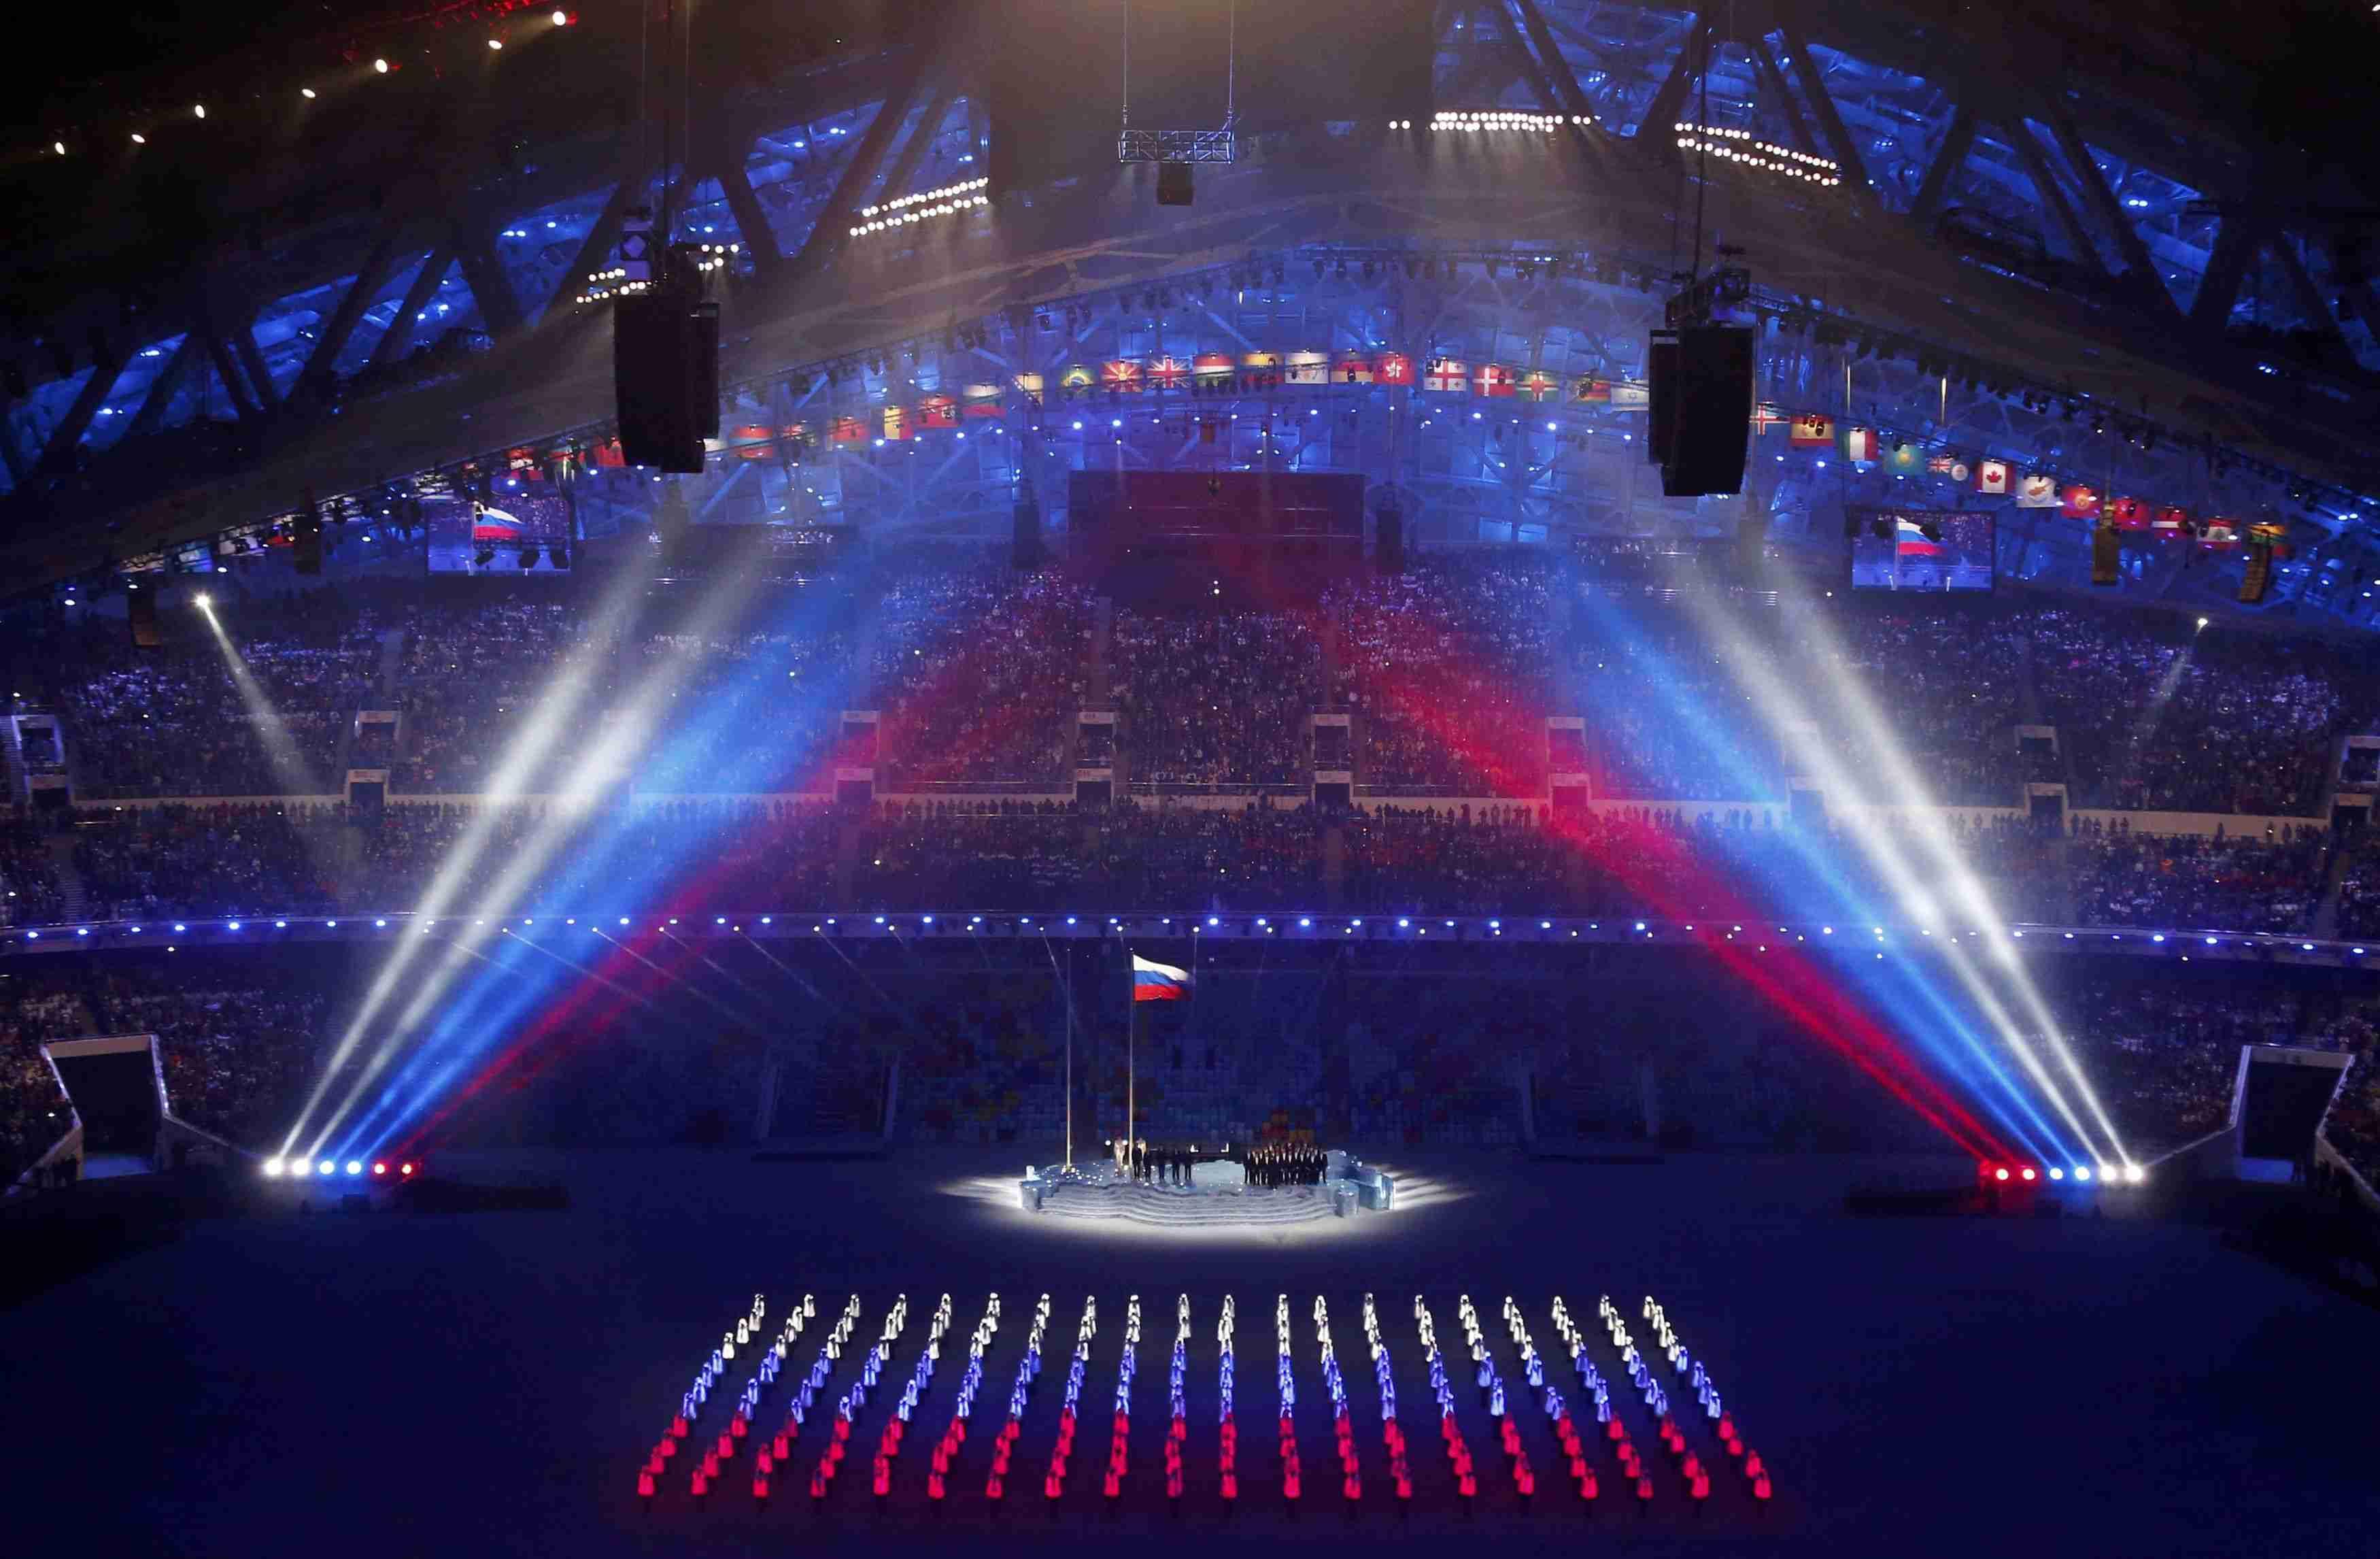 такое самое красивое и зрелищное открытие олимпиады за историю Якутске запись